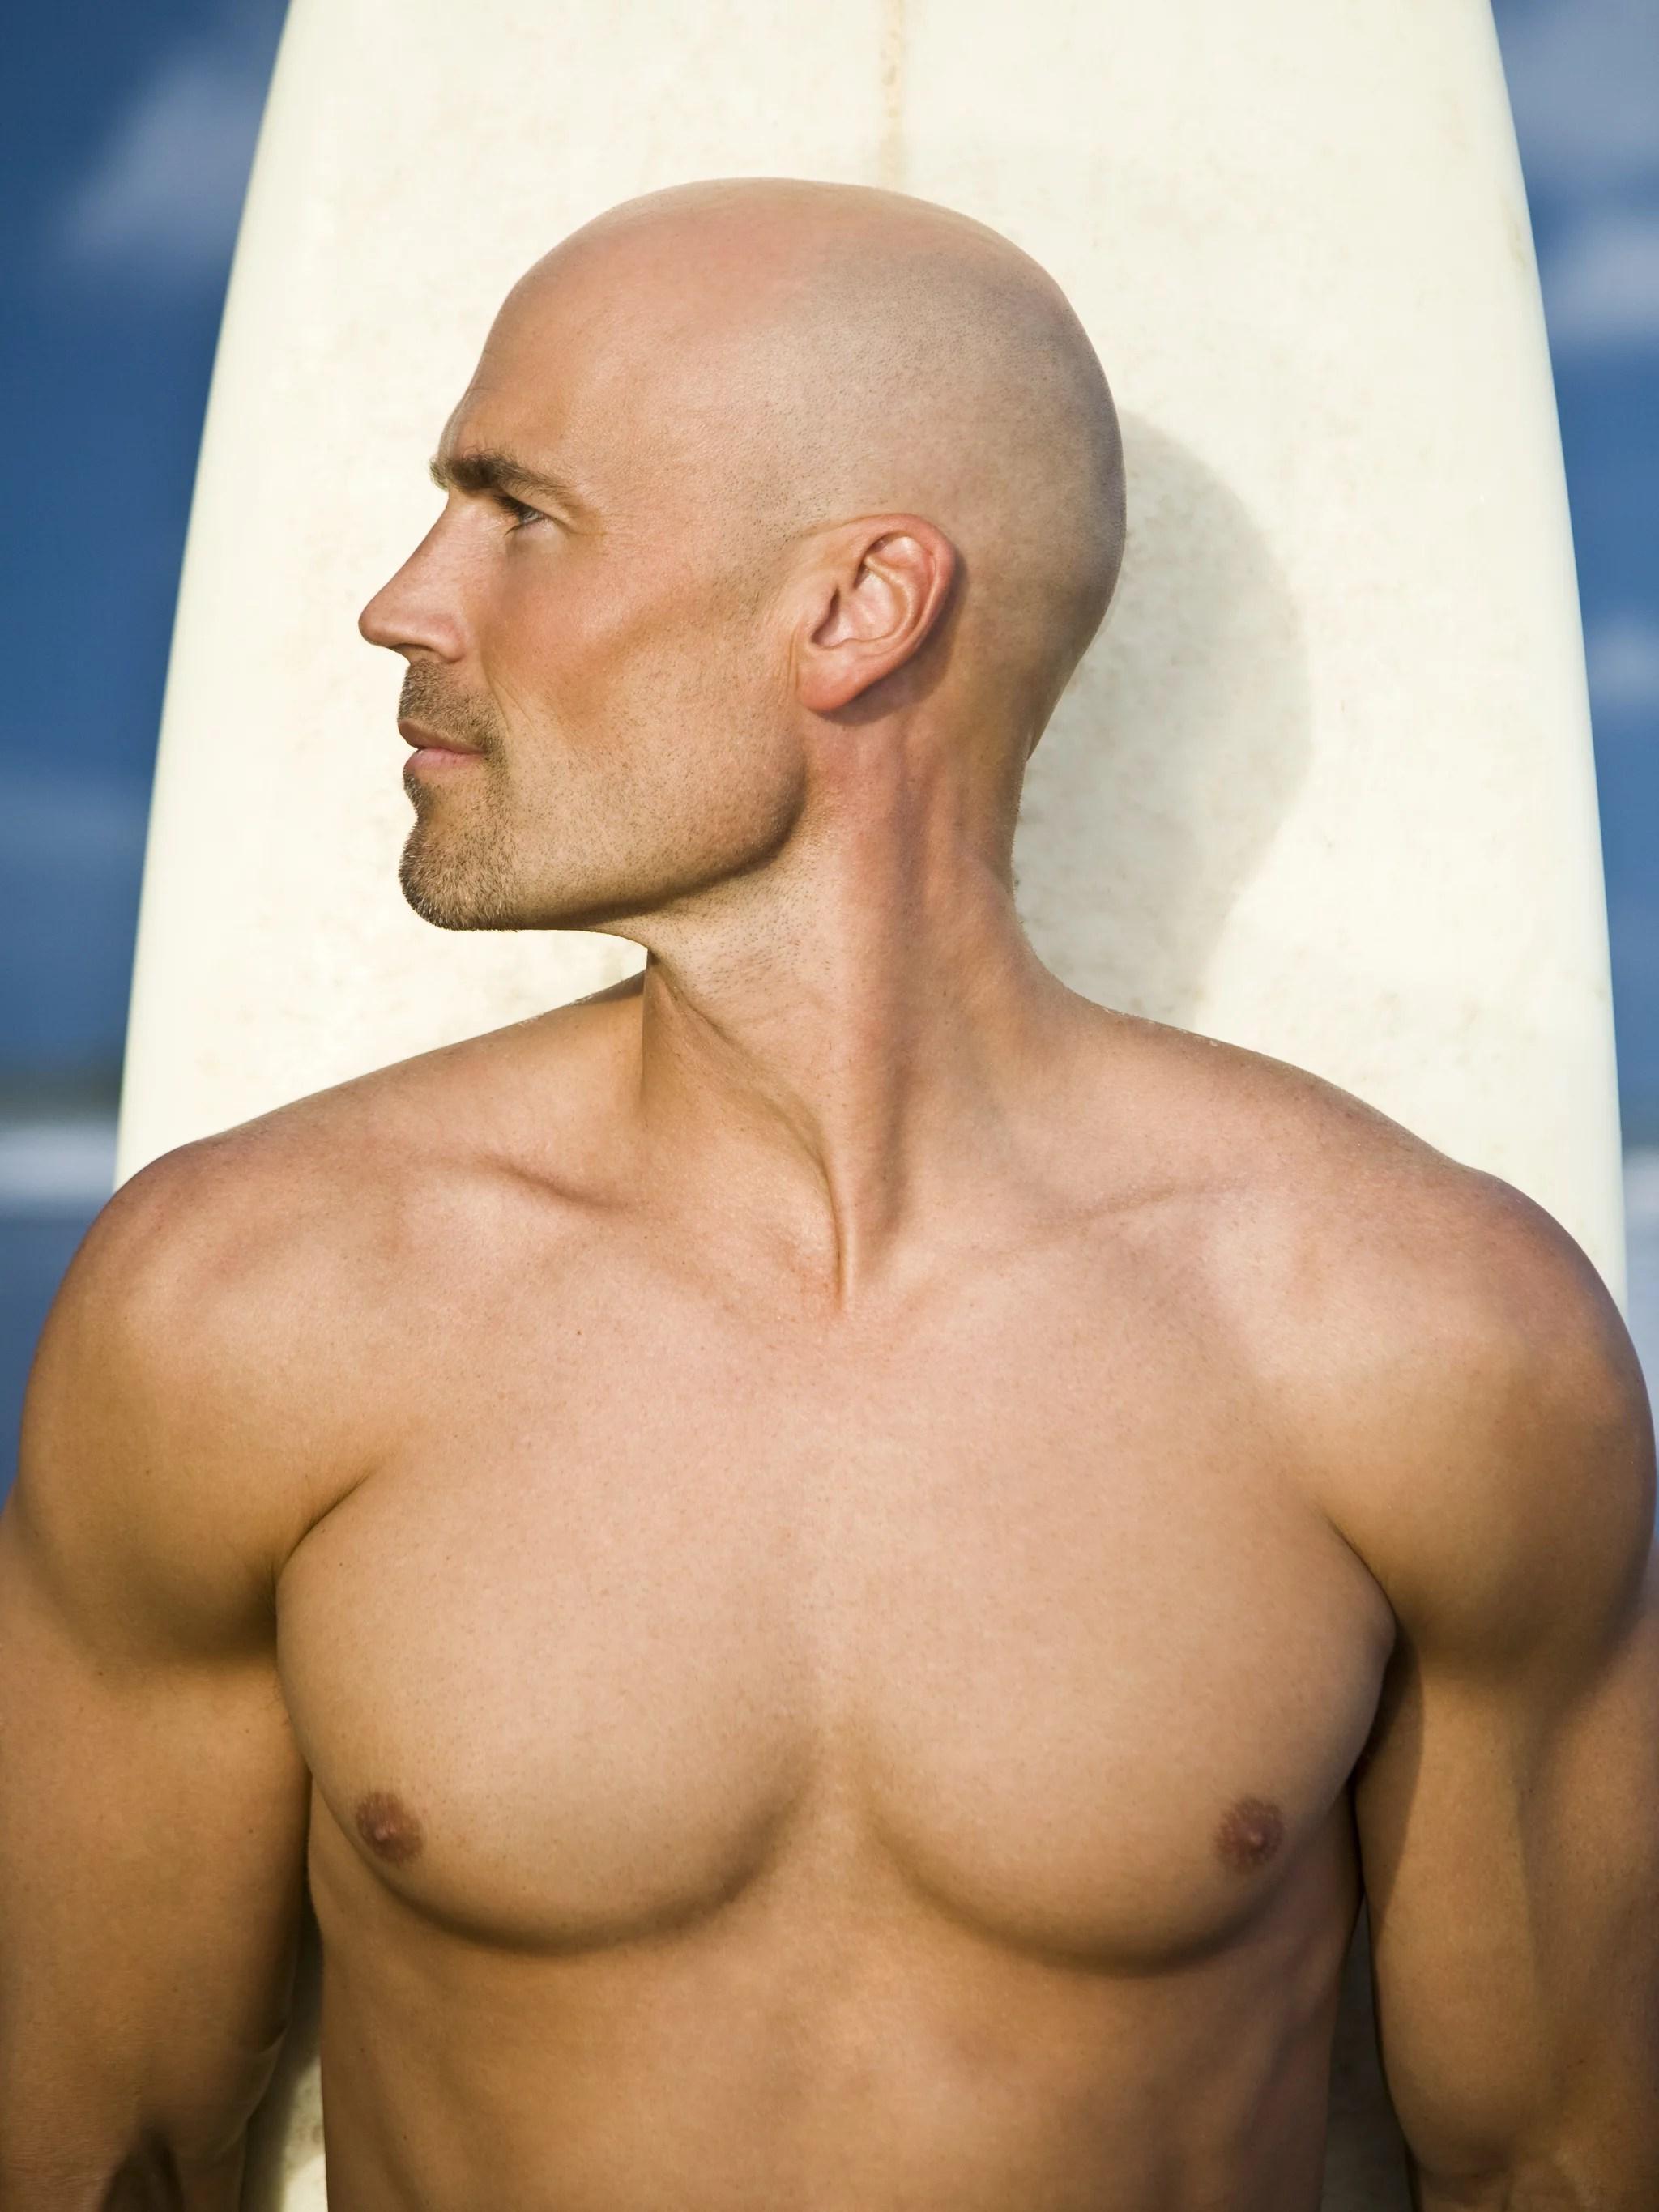 Cancer Drug Cures Male Pattern Baldness POPSUGAR Beauty